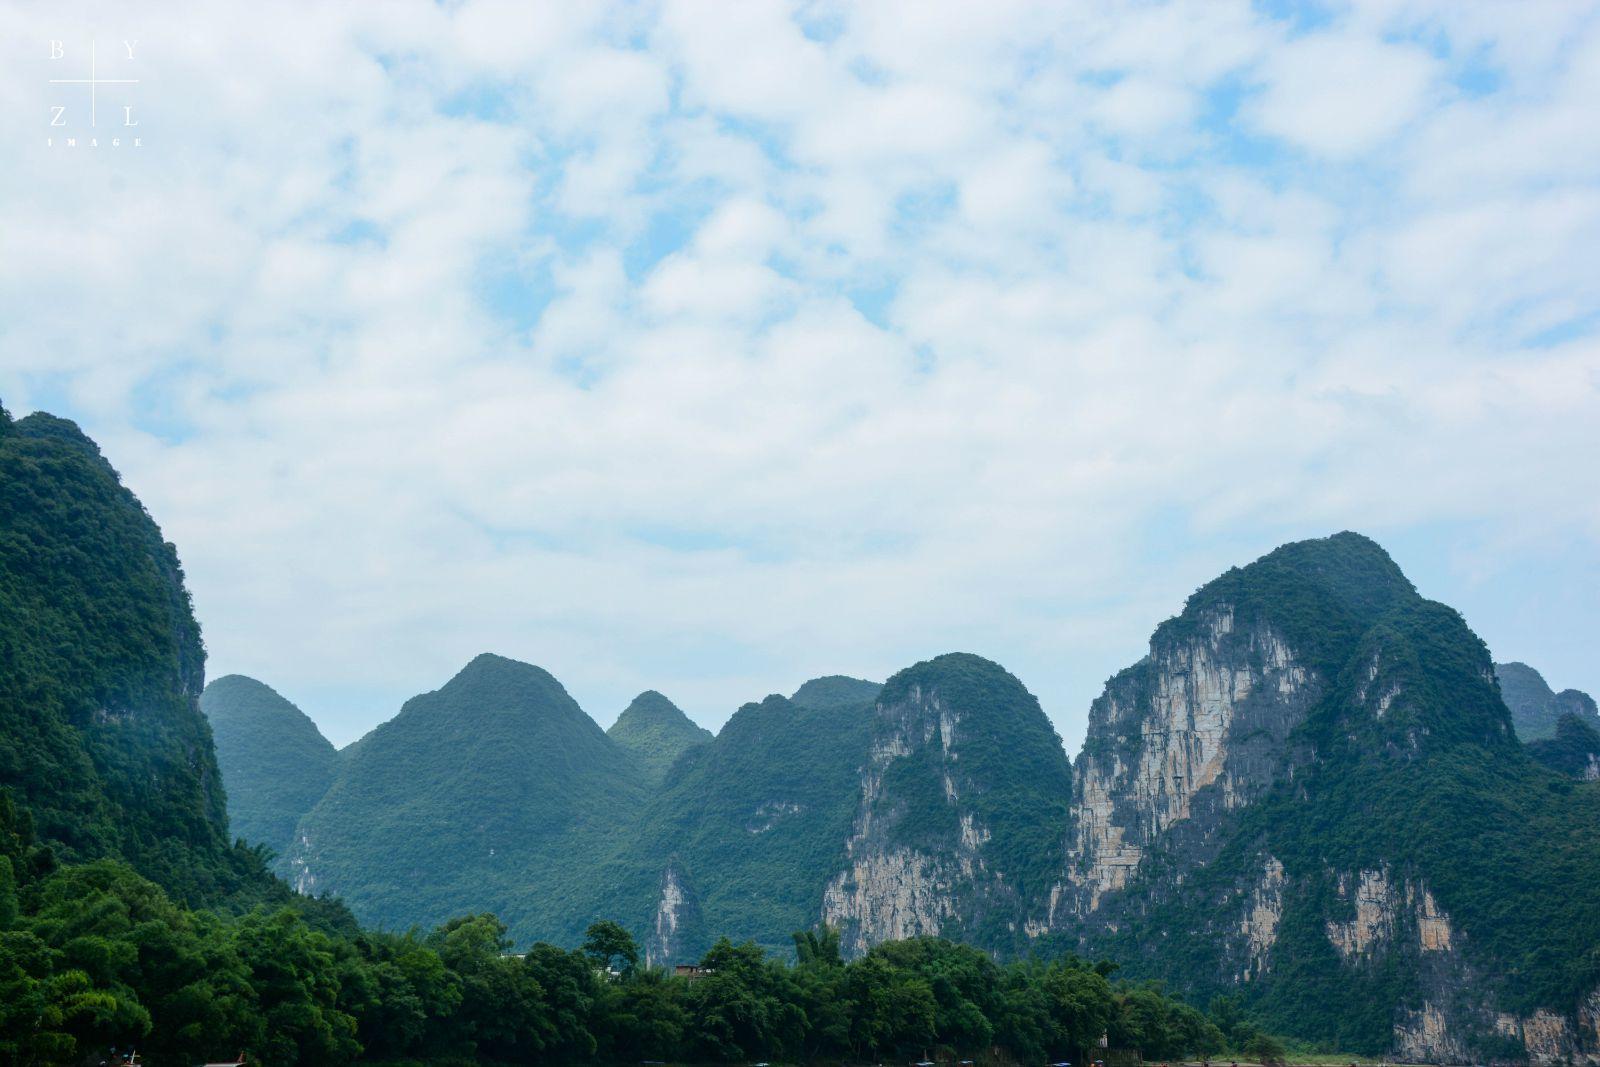 杨堤 桂林山水甲天下,这山不知是什么山,但这水一定指的是漓江无疑了